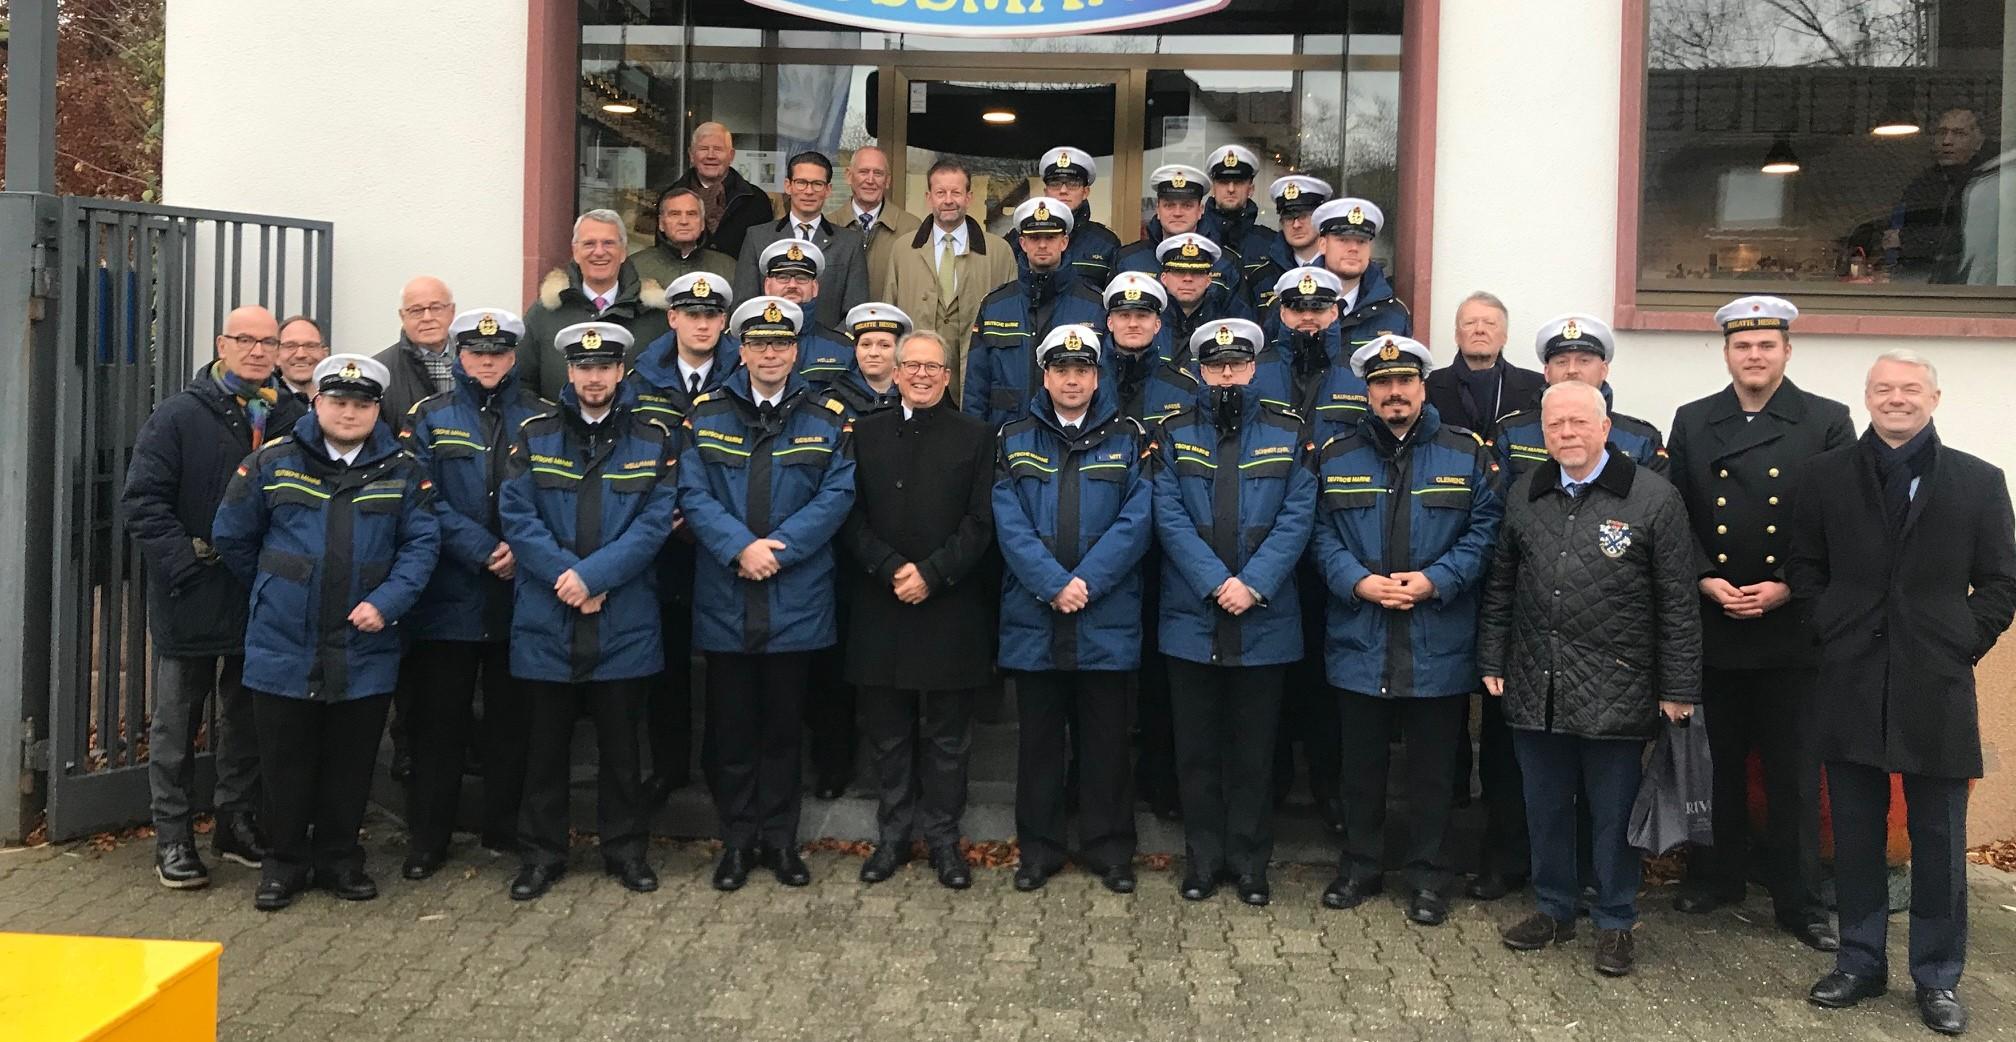 Gruppenfoto der Delegation der Fregatte HESSEN sowie dem Freundeskreis der Fregatte HESSEN, hier  Vorweihnachtszeit 2019. Foto: Sven Herbold.